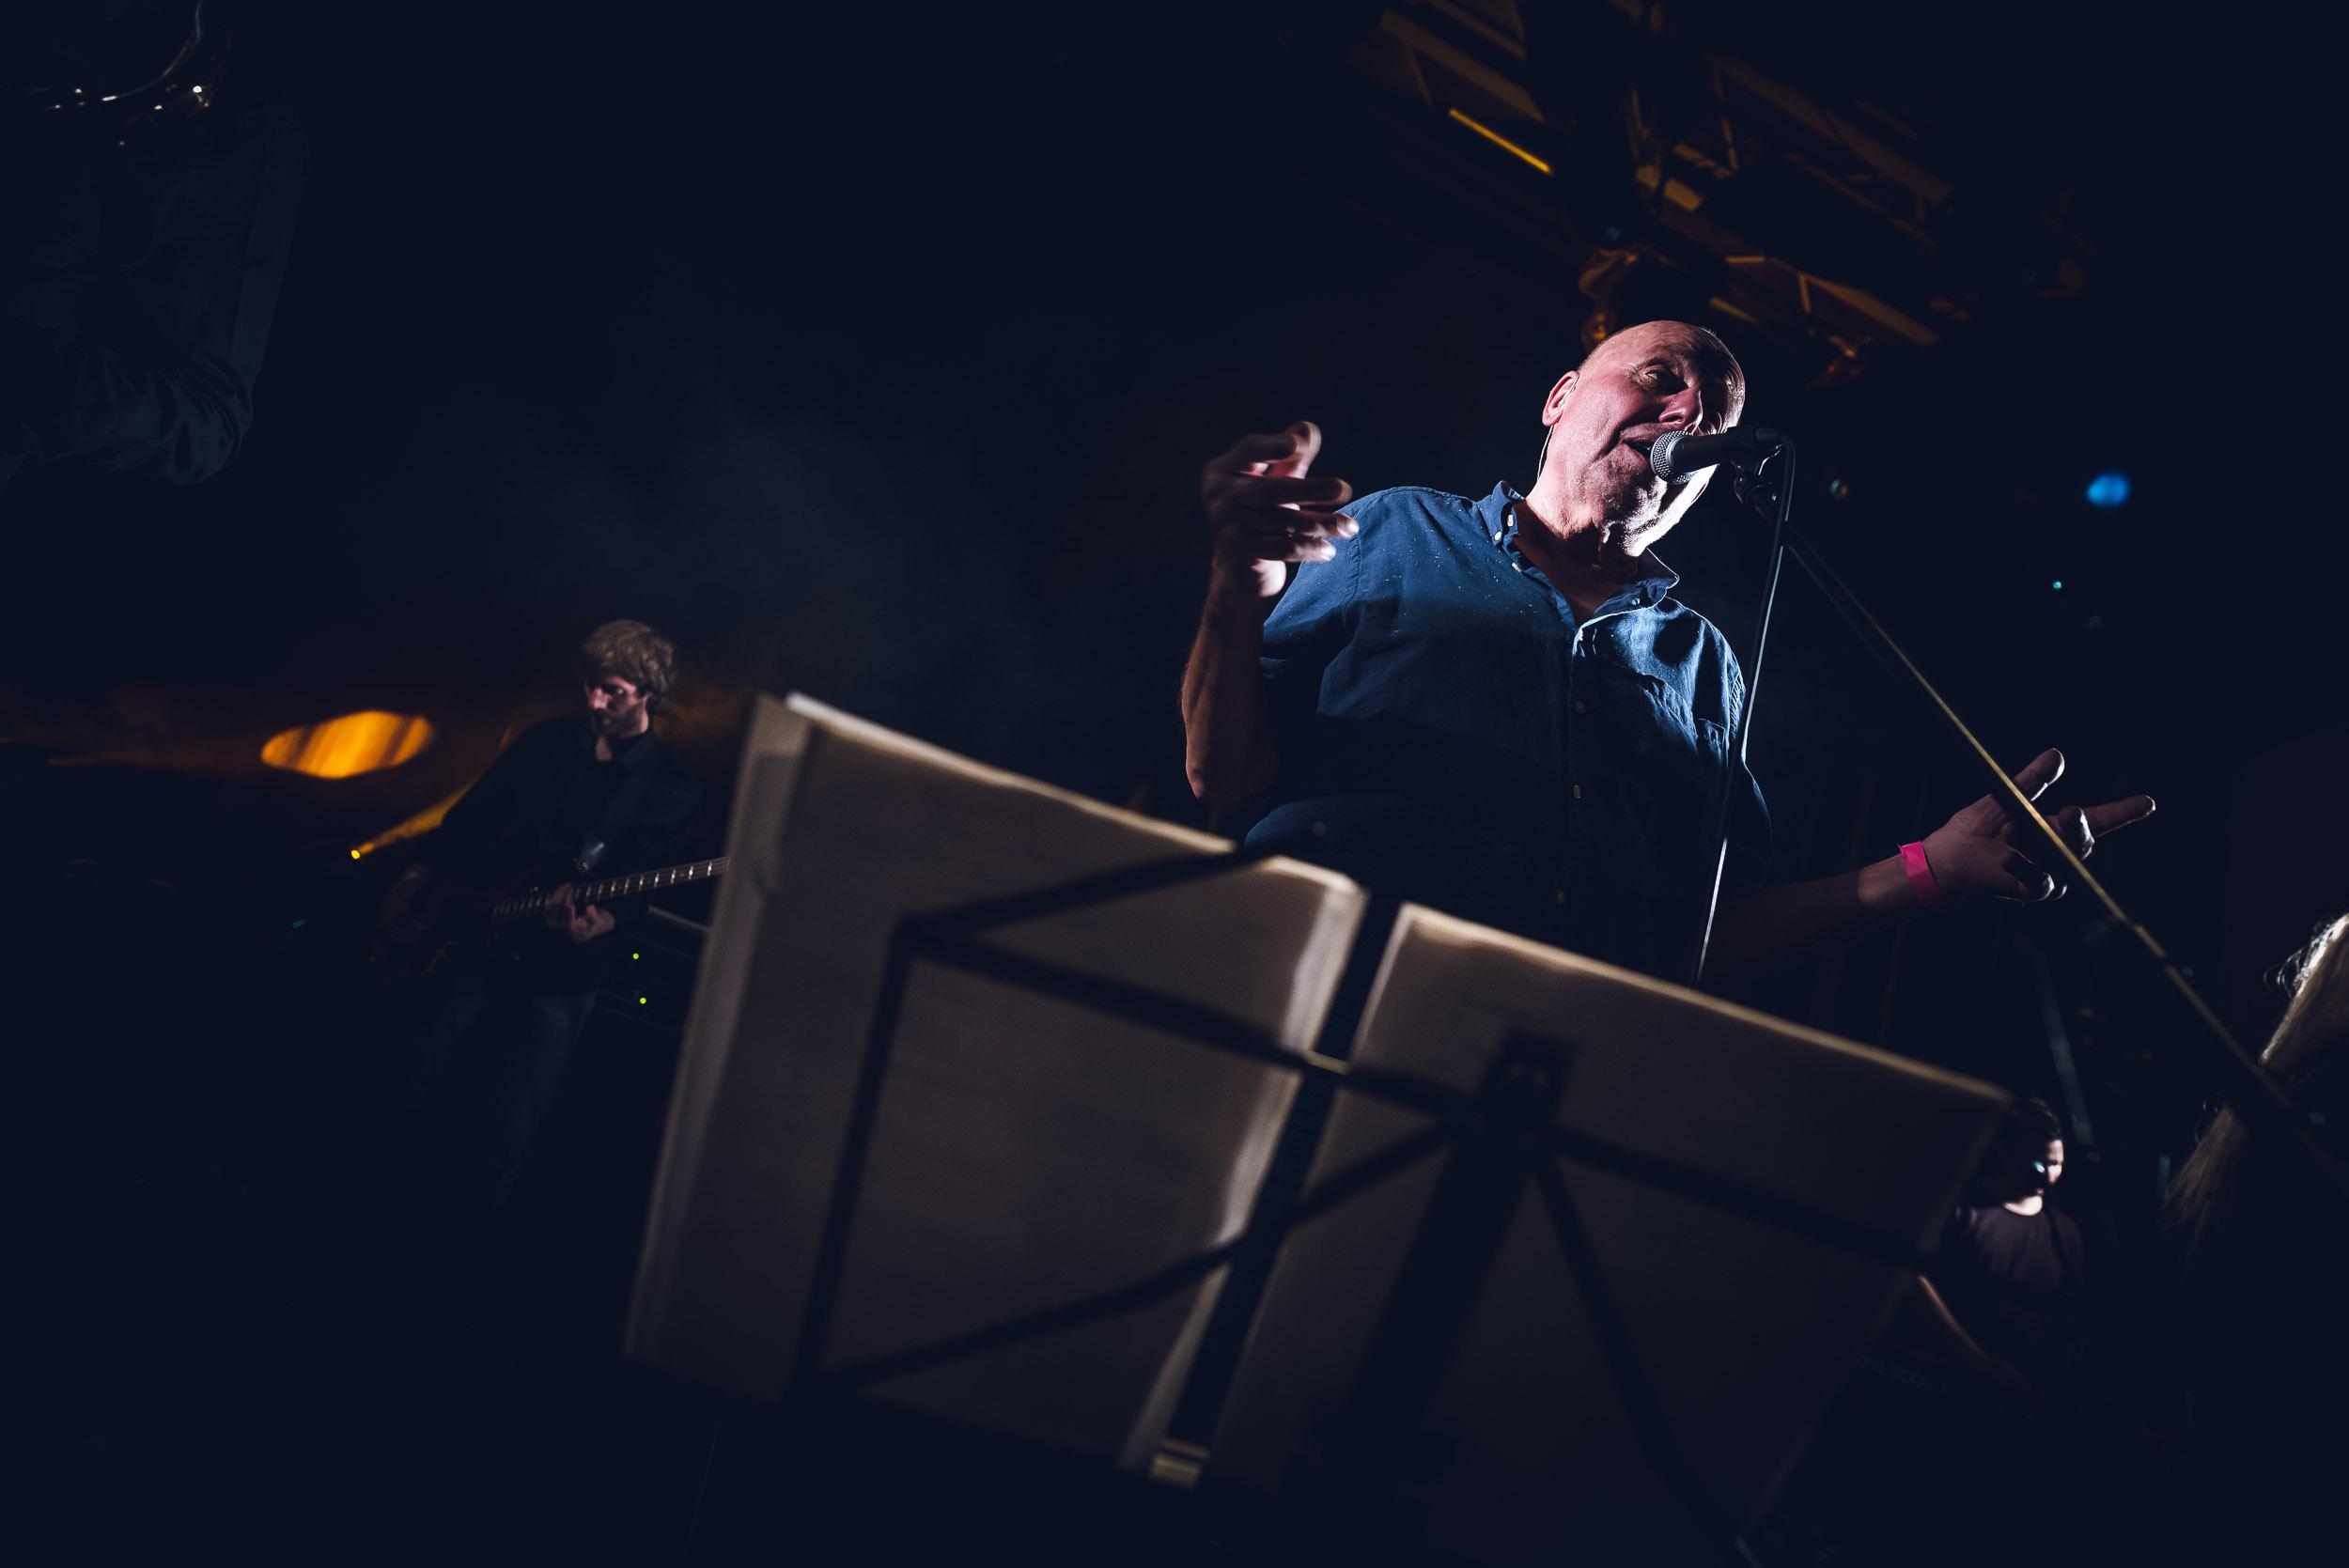 Michal-Ambroz-Hudba-Praha-Tomas-Valnoha-45-.jpg